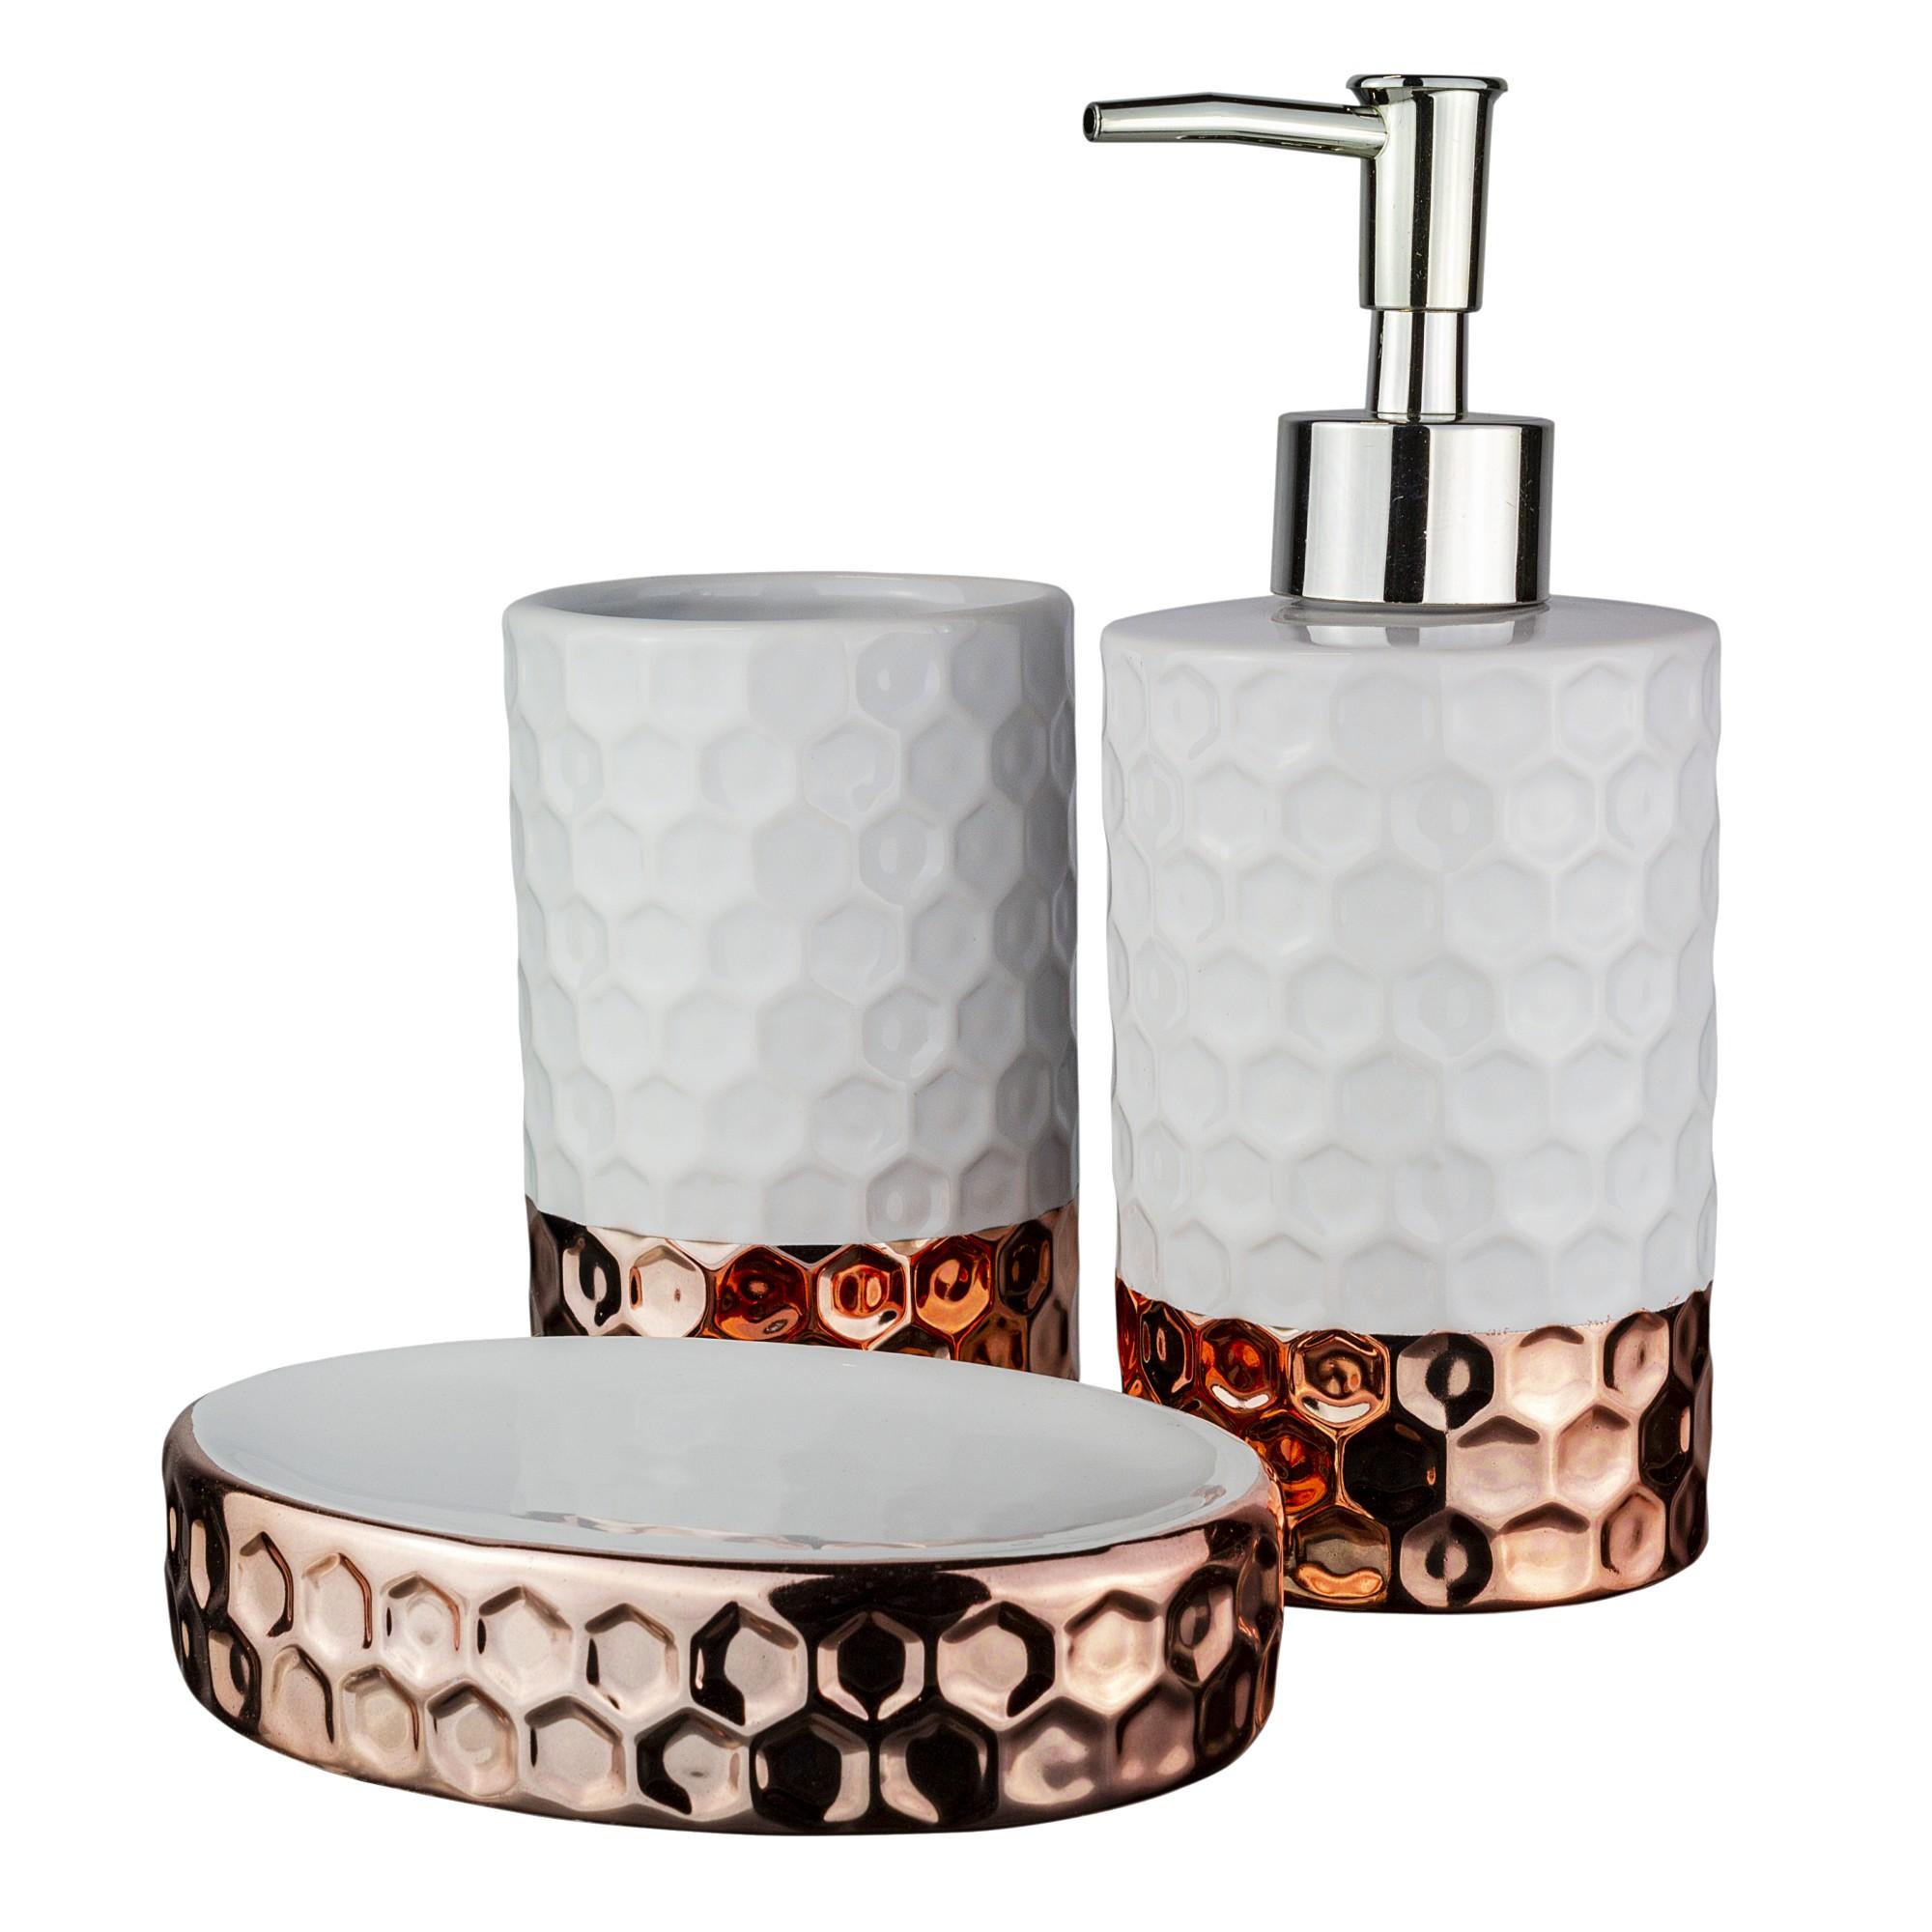 Jogo para Banheiro de Ceramica 3 Pecas UDB18123B - Bianchini